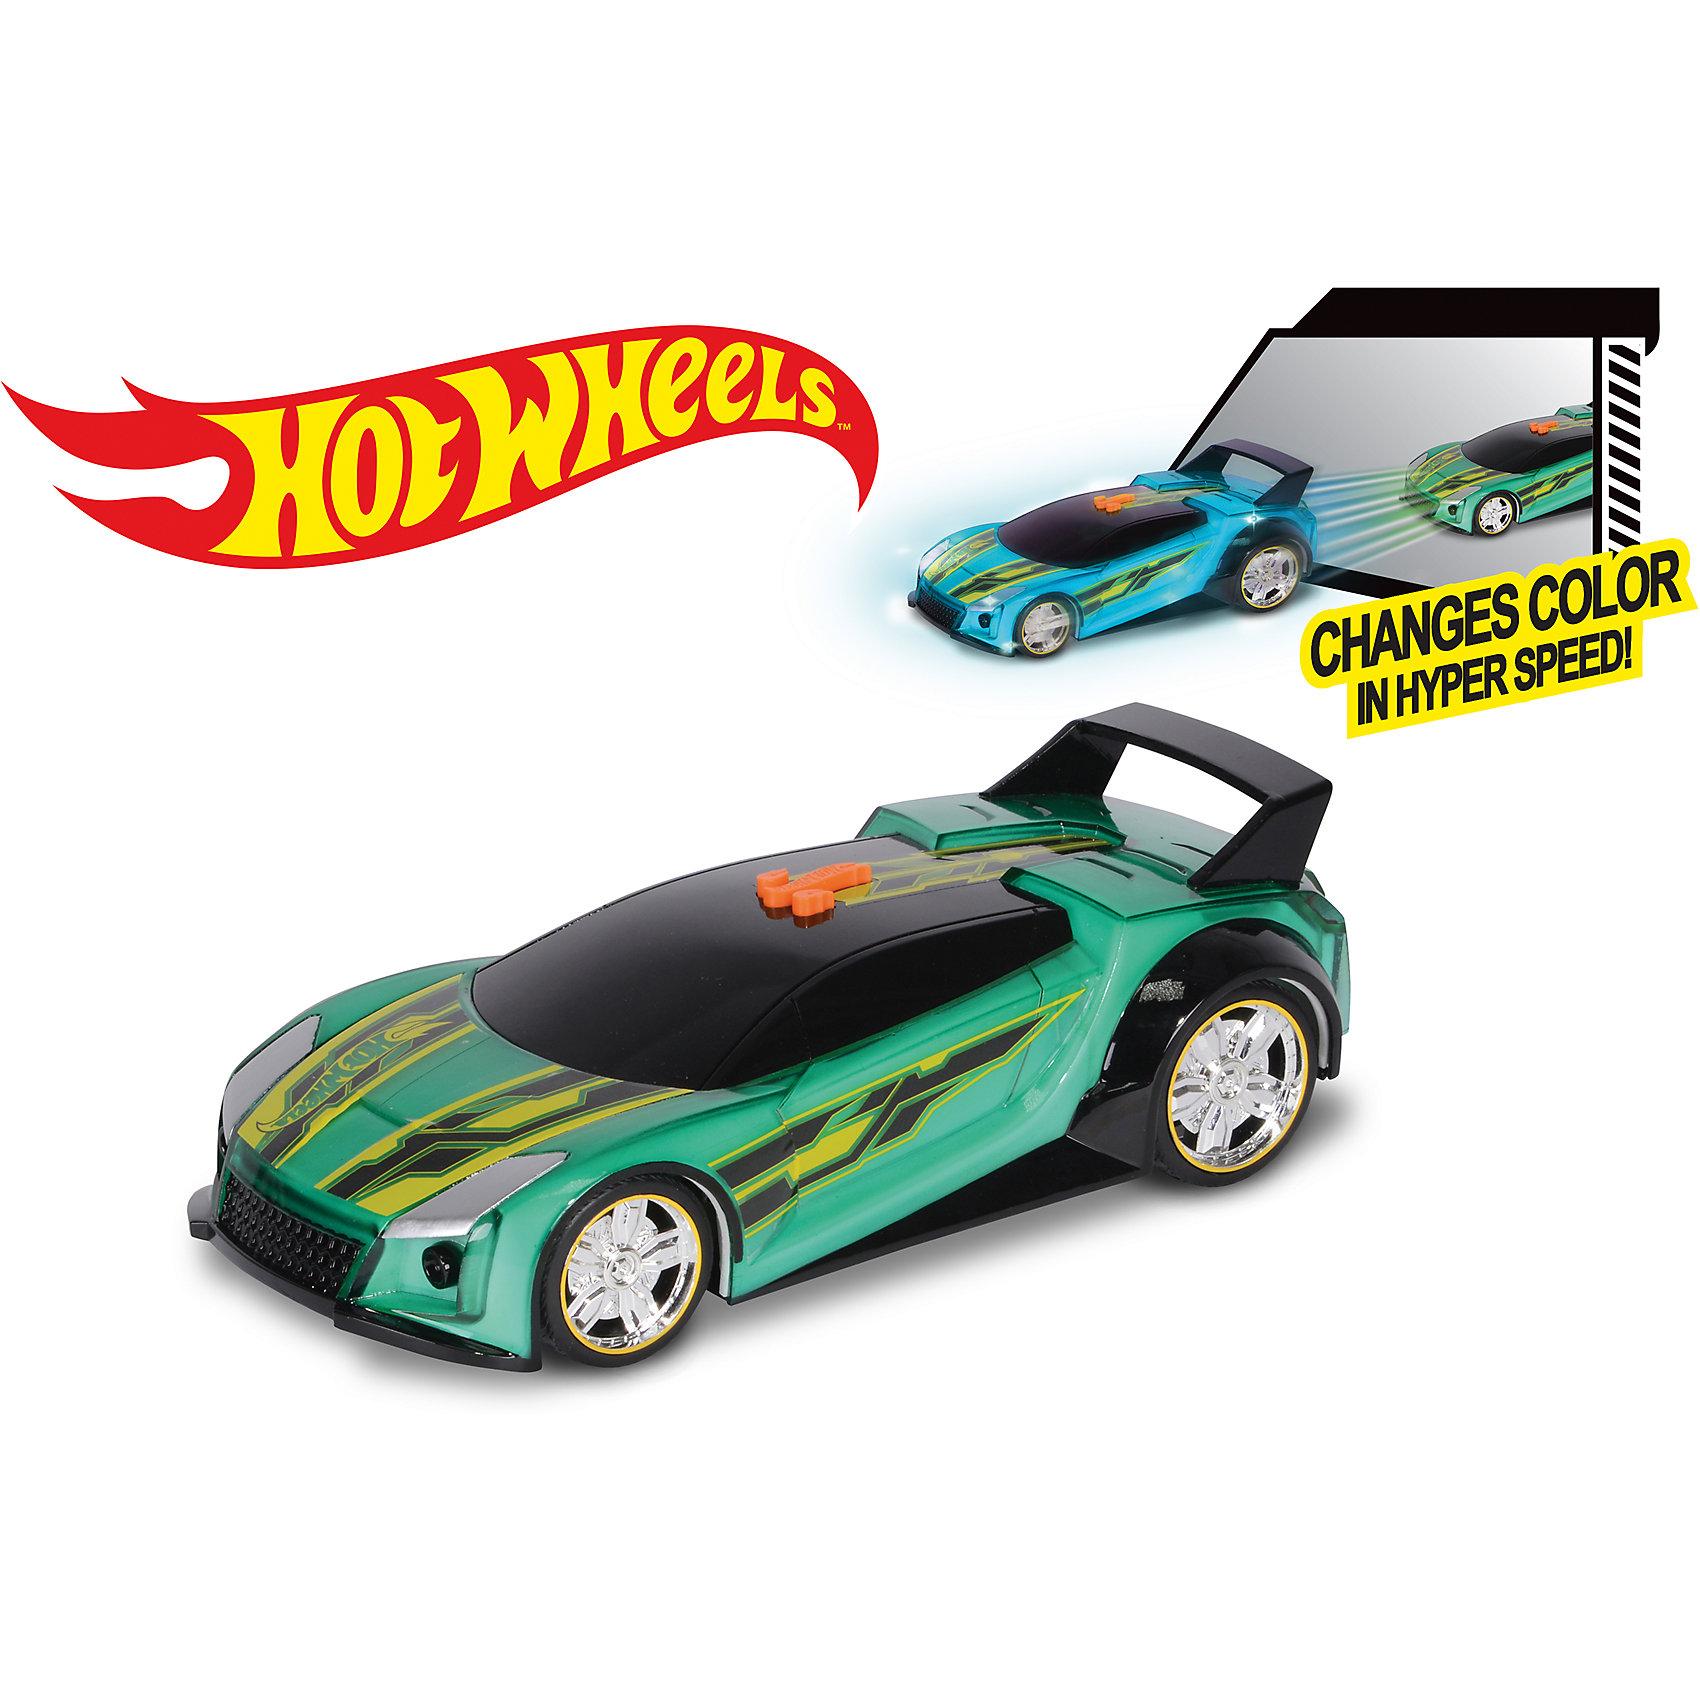 Машинка Hyper Racer (свет, звук), зеленая, 25 см, Hot WheelsХарактеристики товара:<br><br>- цвет: зеленый;<br>- материал: пластик, металл;<br>- особенности:электромеханическая, со звуковыми и световыми эффектами;<br>- вес: 600 г;<br>- размер упаковки: 31х13х13;<br>- батарейки 3хААA;<br>- размер машинки: 25 см.<br><br>Какой мальчишка откажется поиграть с машинкой Hot Wheels, которая выглядит как настоящая?! Машинка меняет цвет при движении и запускается нажатием кнопки. Игрушка отлично детализирована, очень качественно выполнена, поэтому она станет отличным подарком ребенку. Продается в красивой упаковке.<br>Изделия произведены из высококачественного материала, безопасного для детей.<br><br>Электромеханическую машинку Hot Wheels можно купить в нашем интернет-магазине.<br><br>Ширина мм: 310<br>Глубина мм: 130<br>Высота мм: 130<br>Вес г: 628<br>Возраст от месяцев: 36<br>Возраст до месяцев: 2147483647<br>Пол: Мужской<br>Возраст: Детский<br>SKU: 5066706